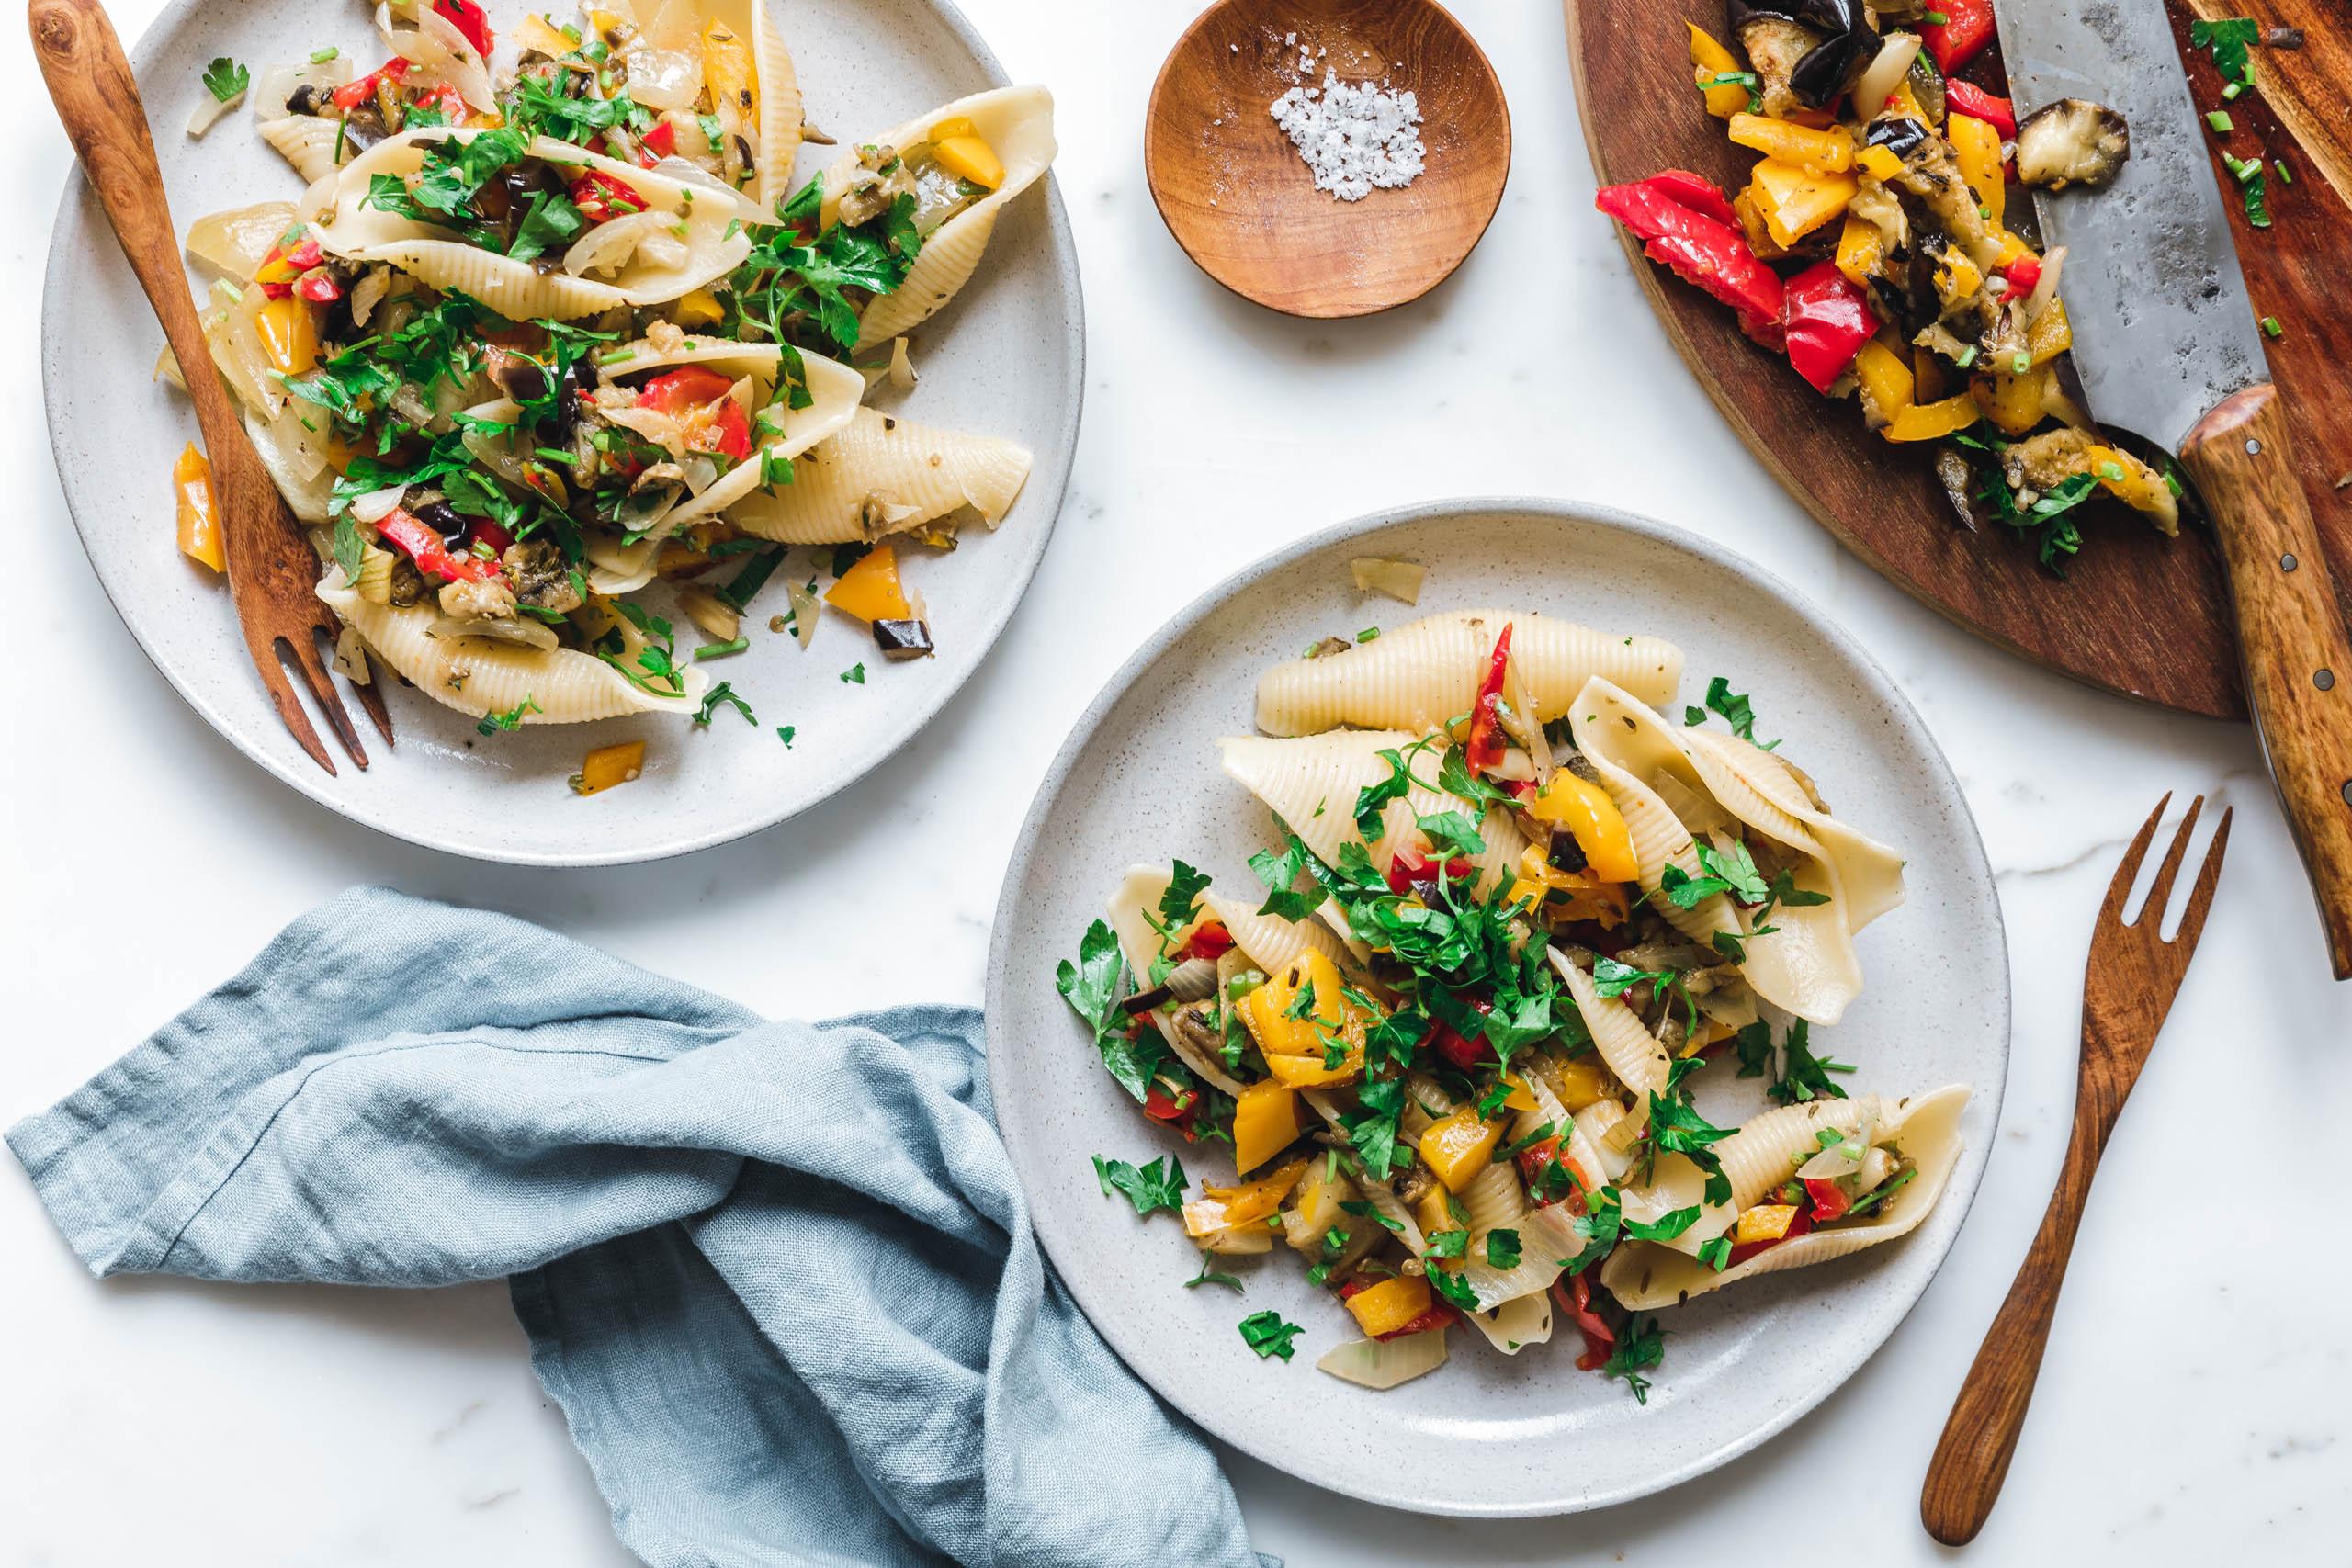 Conchiglie mit geröstetem Gemüse